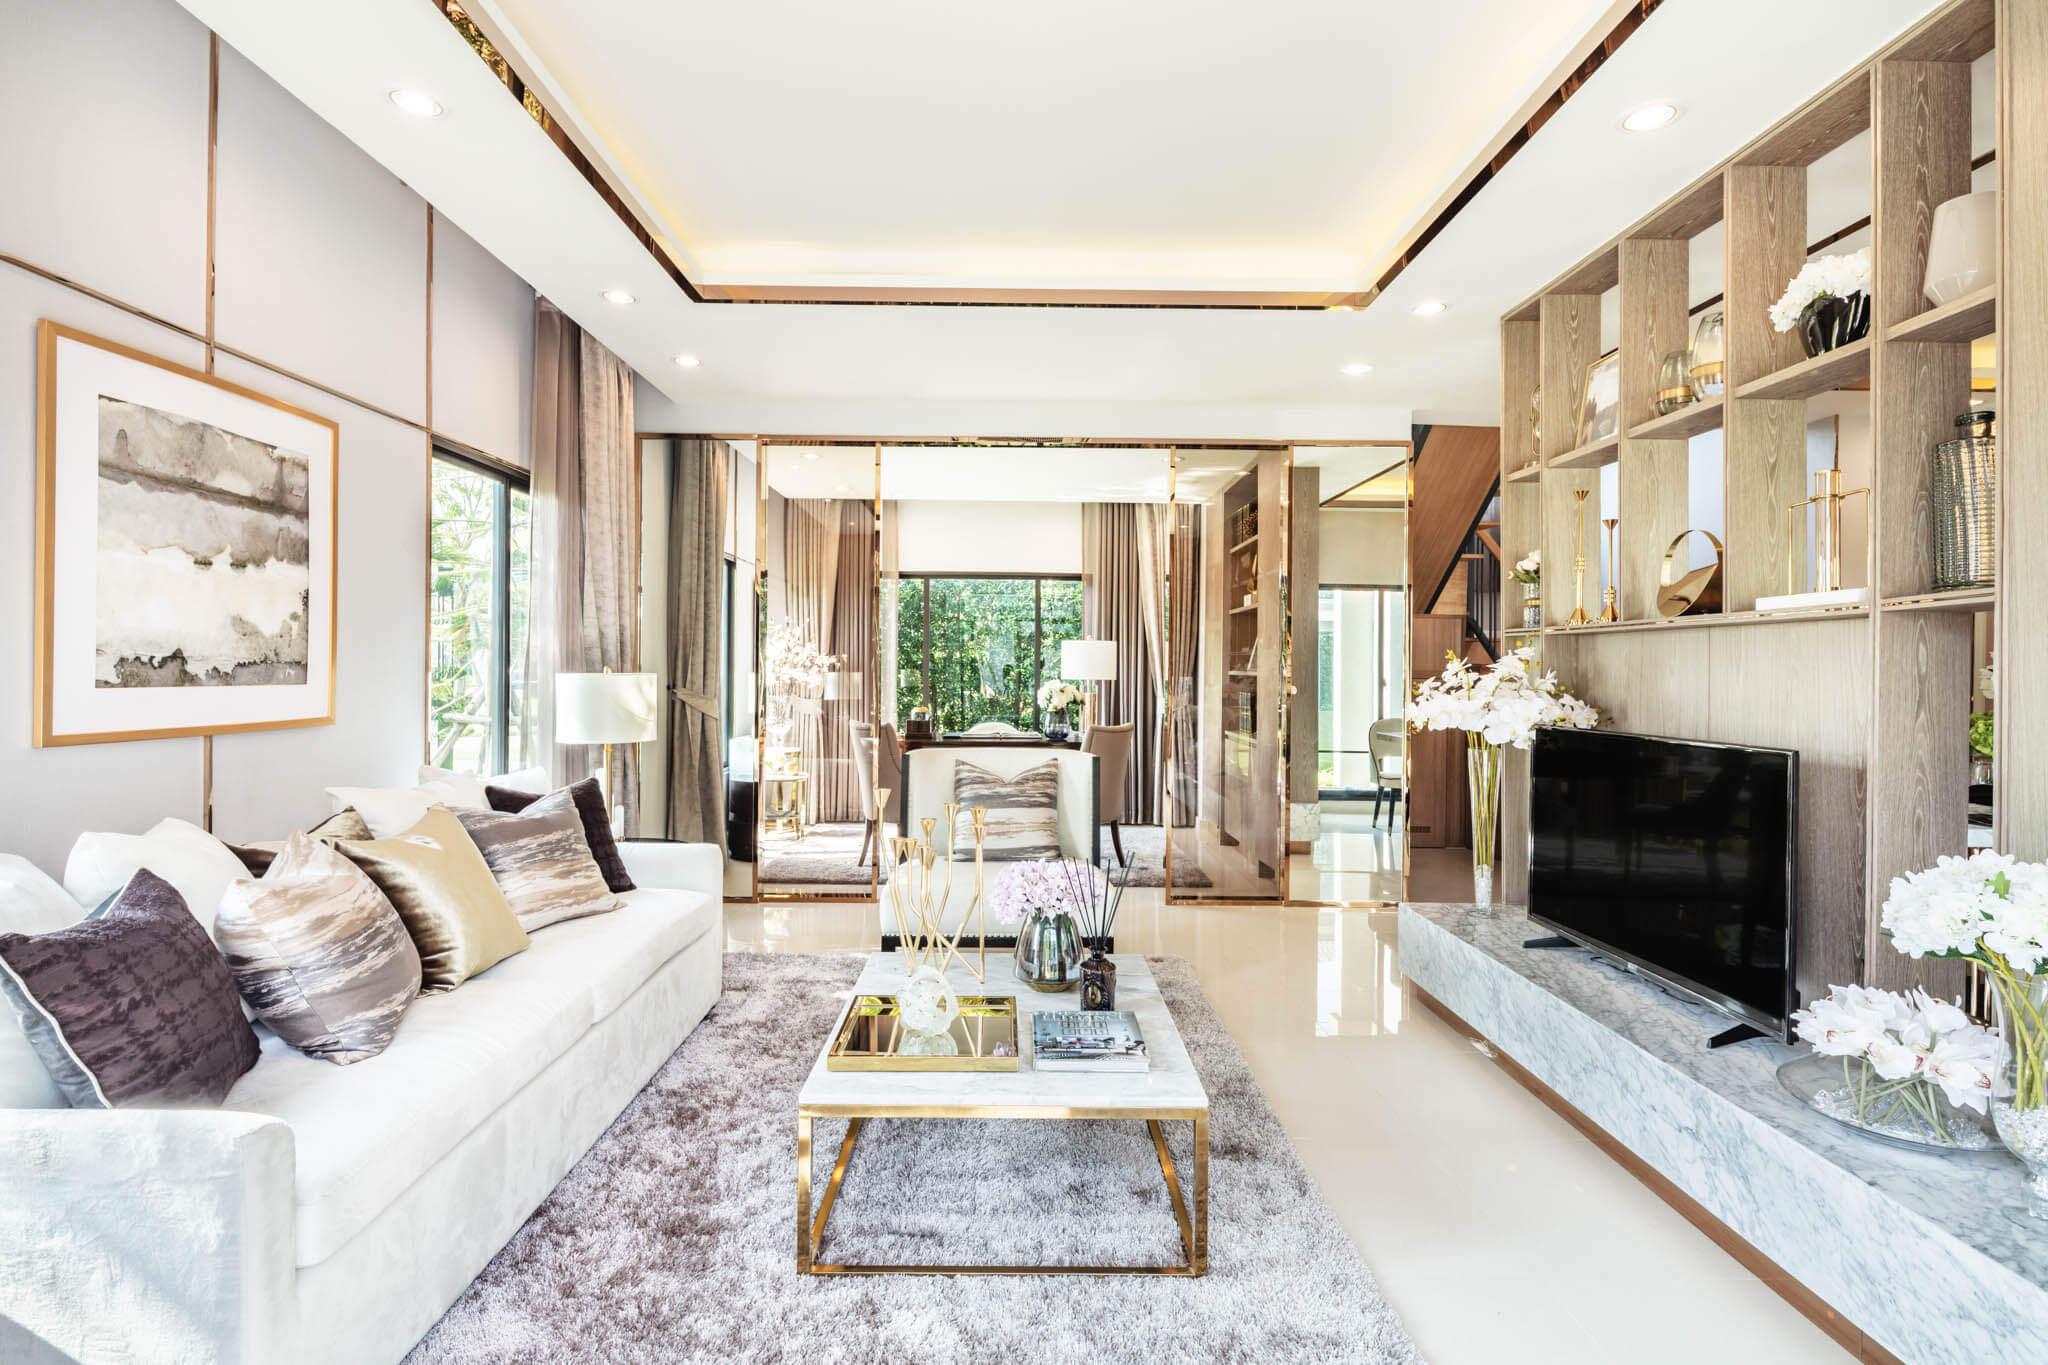 """รู้ก่อนซื้อบ้าน """"ภูมิสถาปัตยกรรม"""" สำคัญกับชีวิตอย่างไร? สัมภาษณ์ภูมิสถาปนิก RAFA 40 - Architect"""